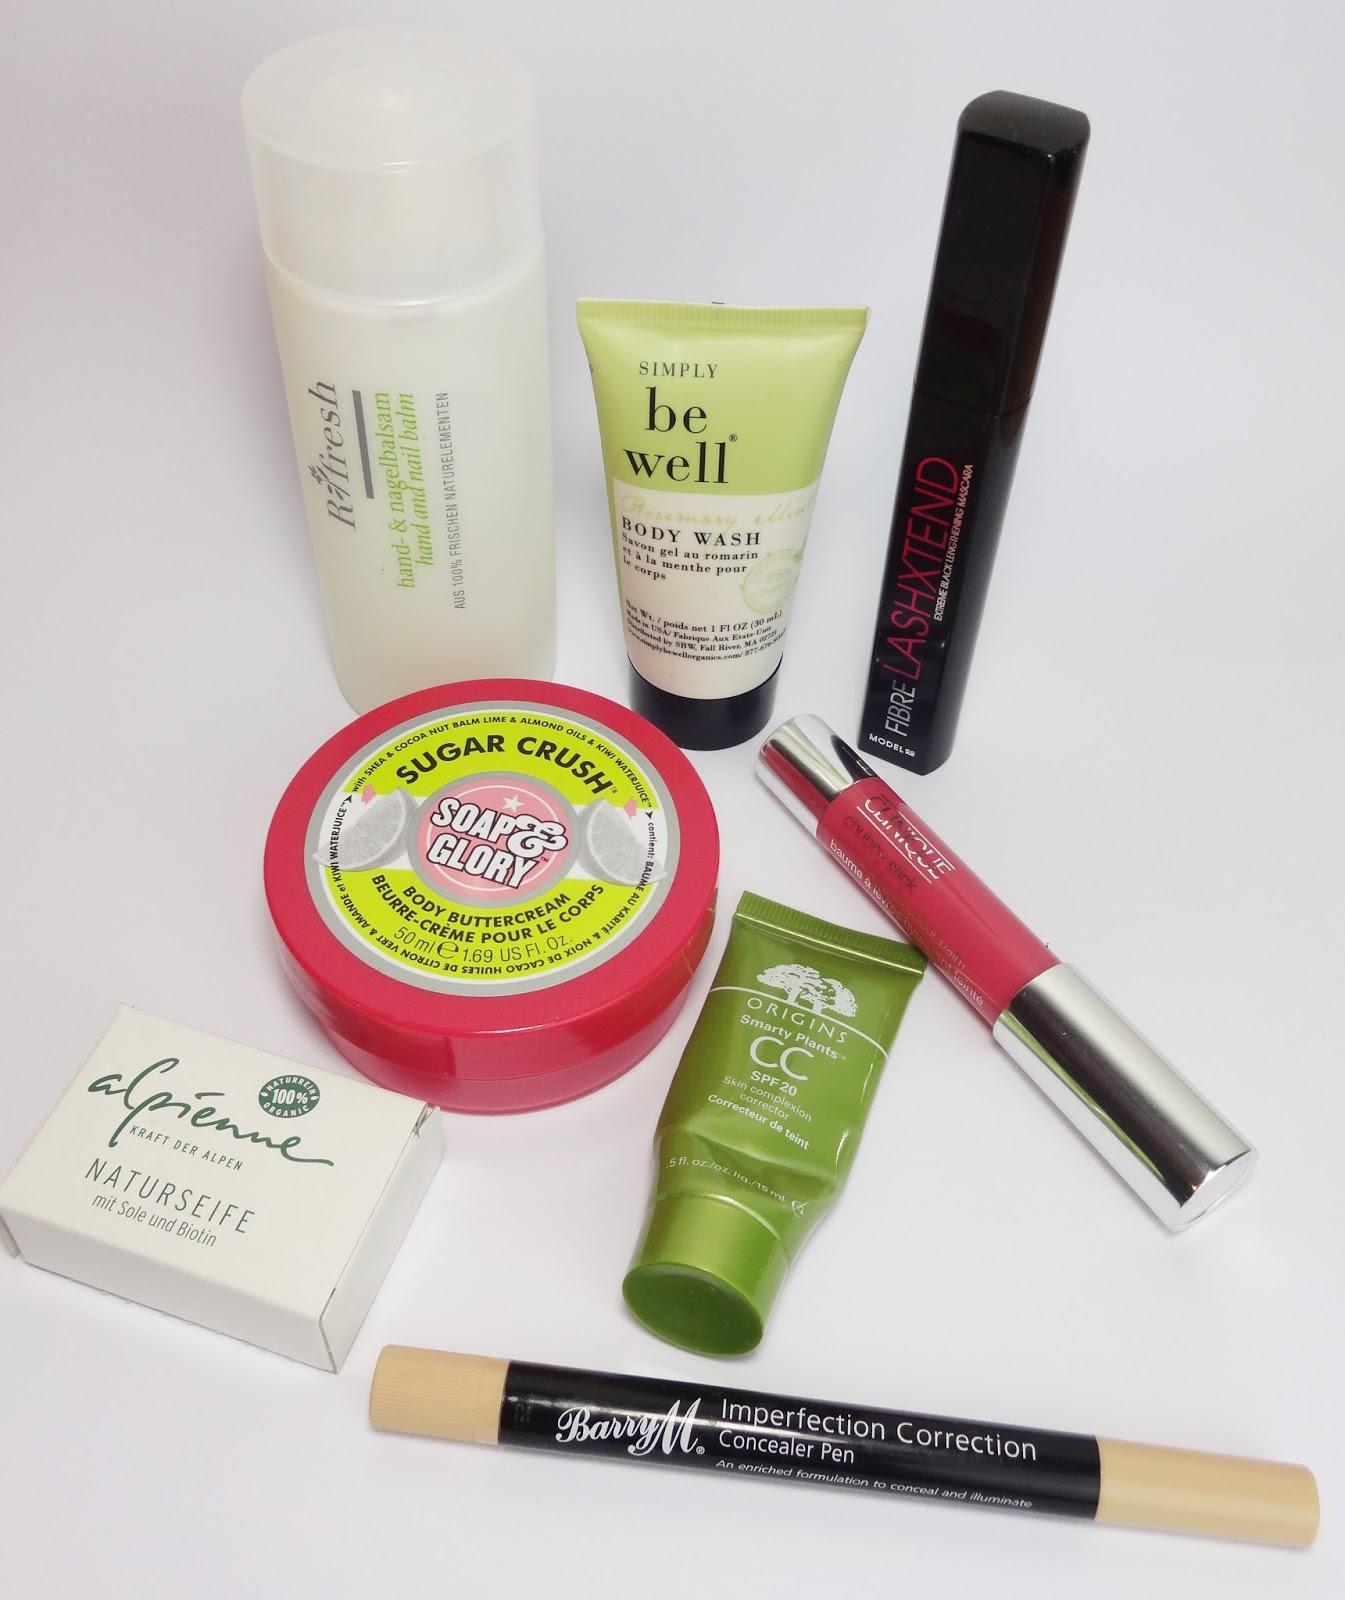 Soap & Glory, Barry M., Clinique, Origins, Ringana, Beautyblog